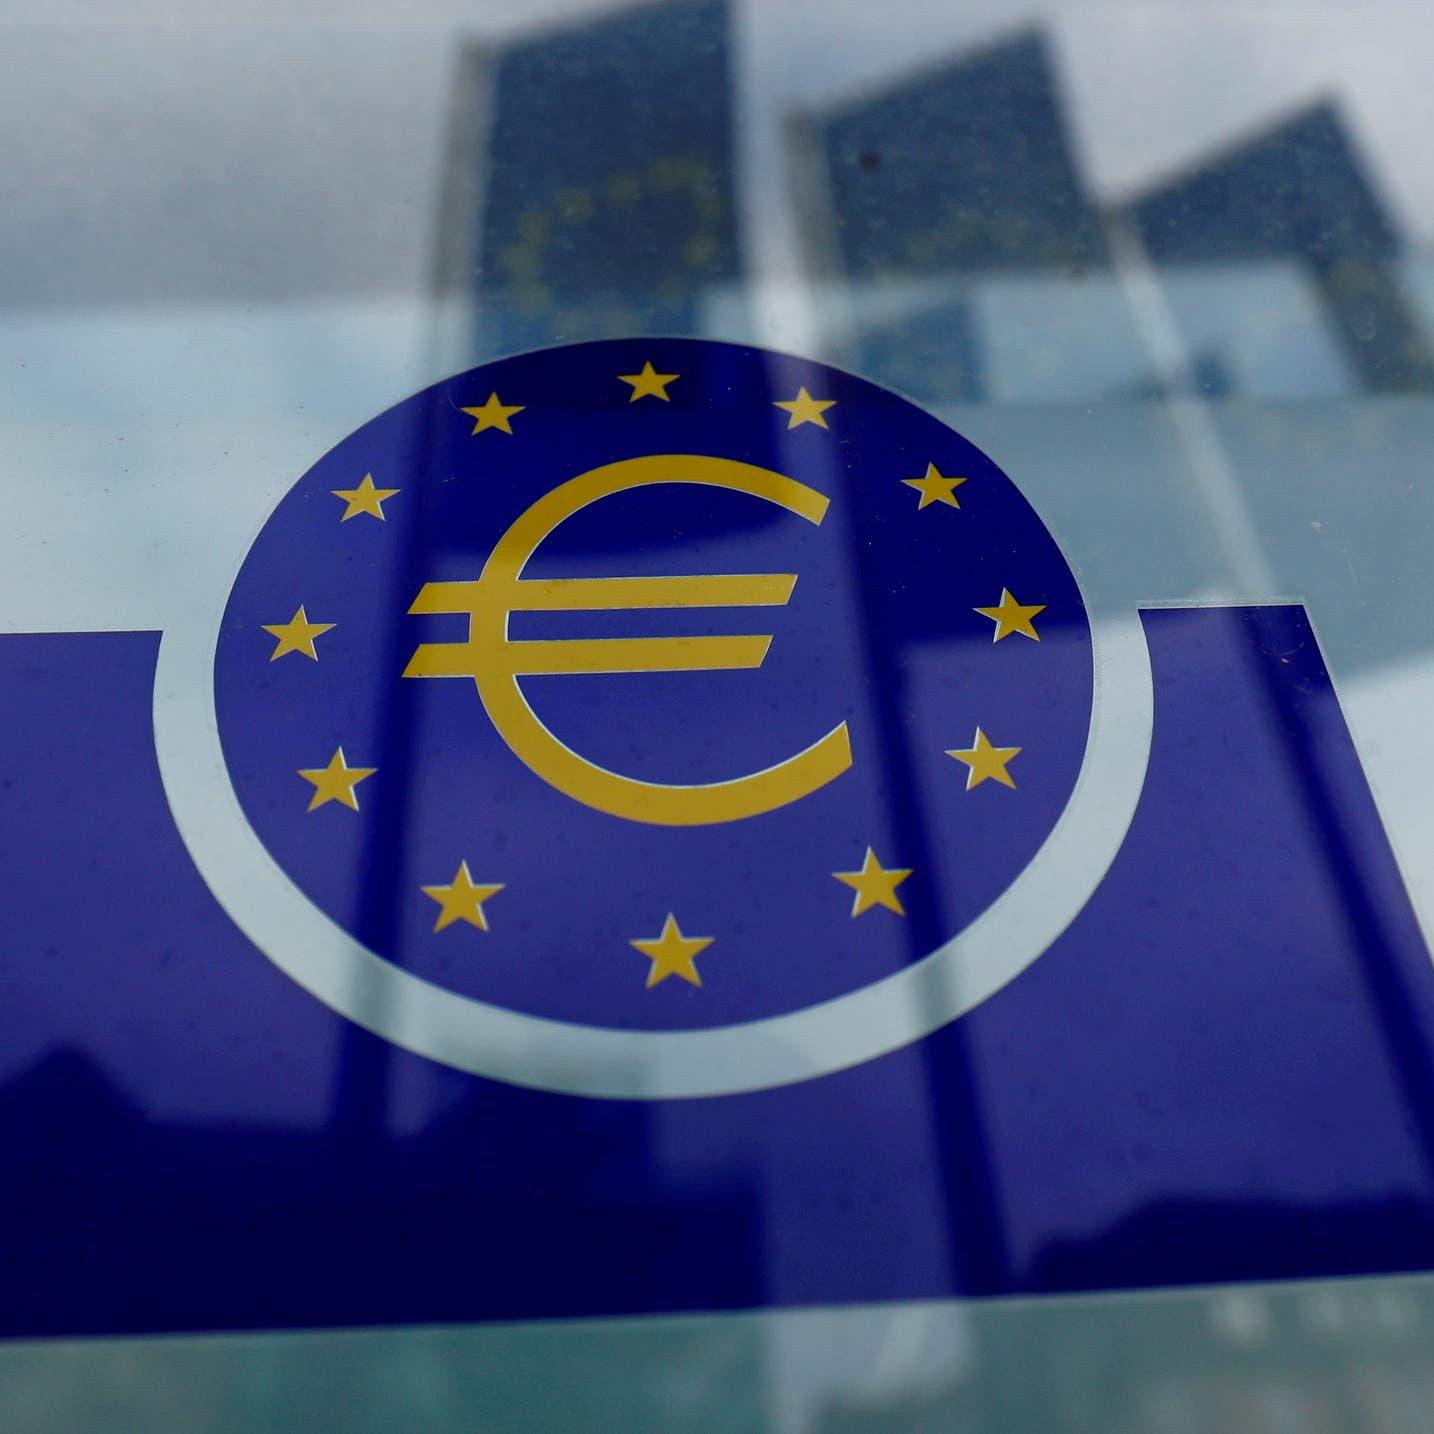 هل يسبق المركزي الأوروبي نظيره الأميركي في خفض الدعم؟